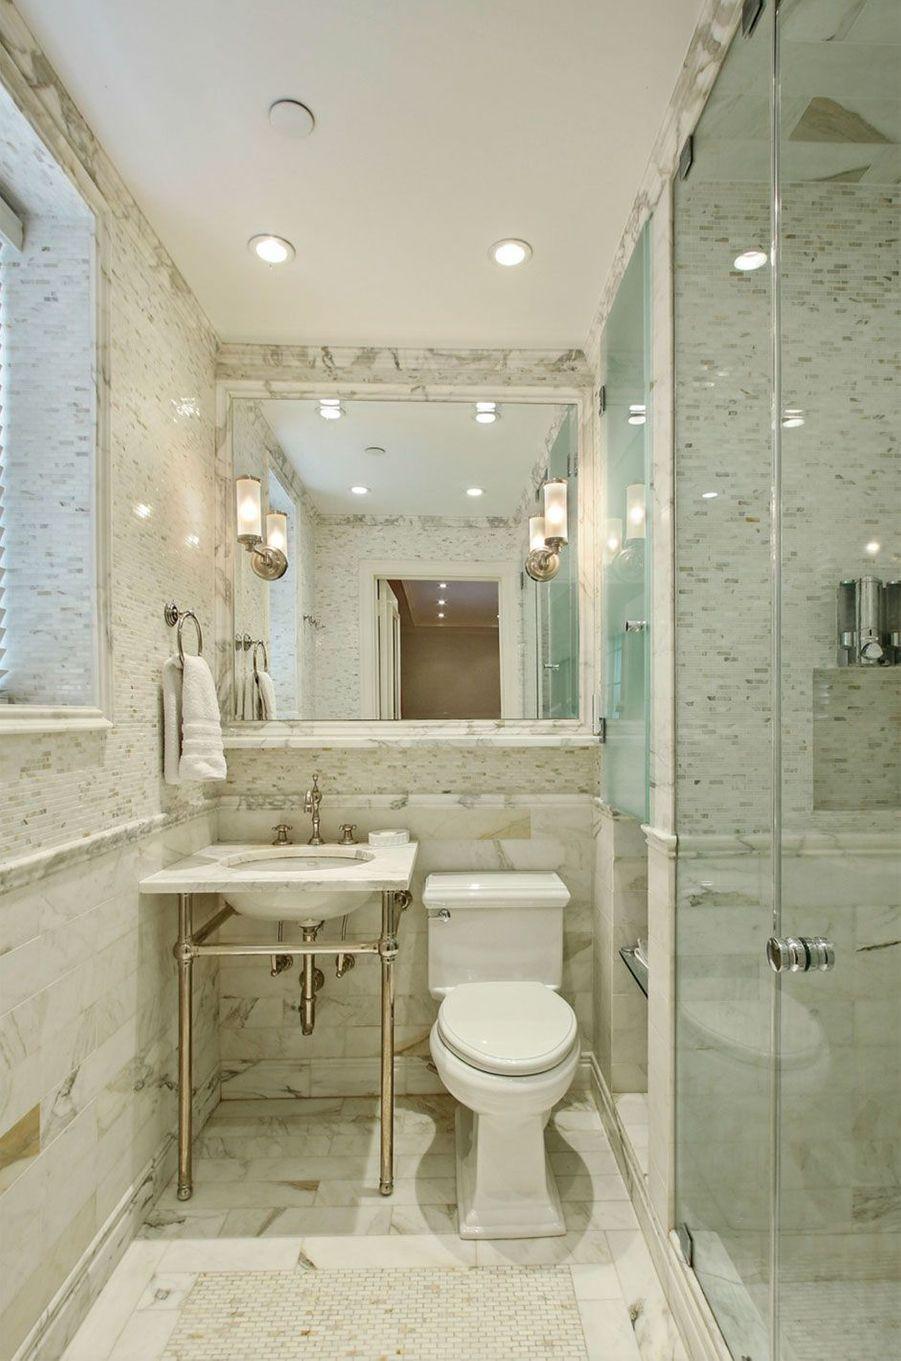 Une salle de bain tout de marbre.